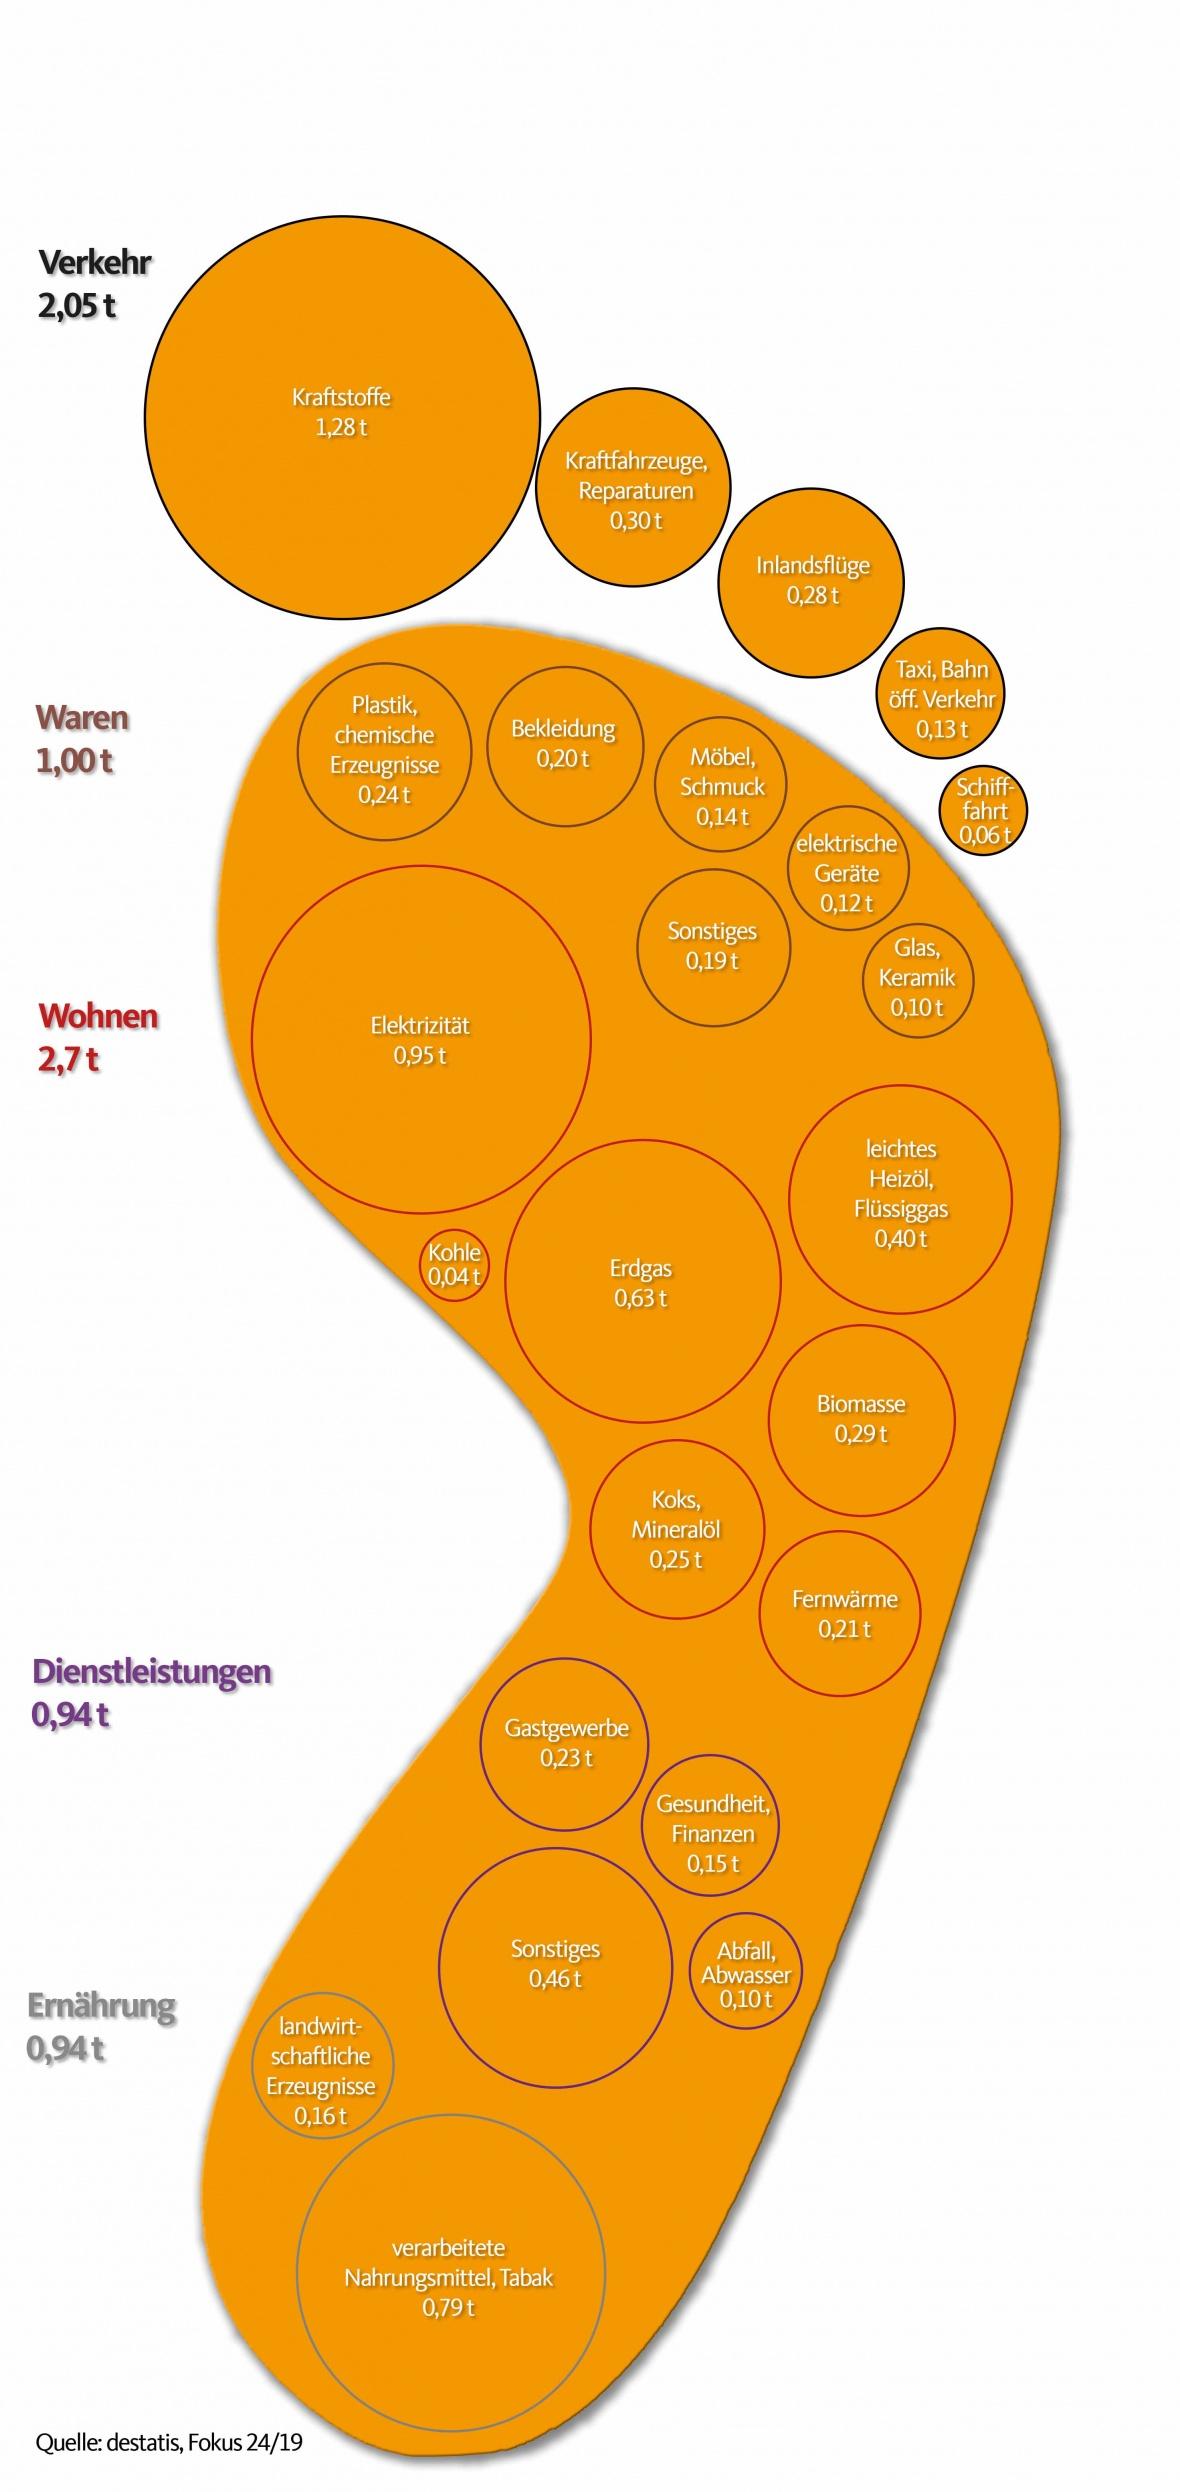 CO2-fussabdruck-der-deutschen-vieregge-nachhaltigkeit